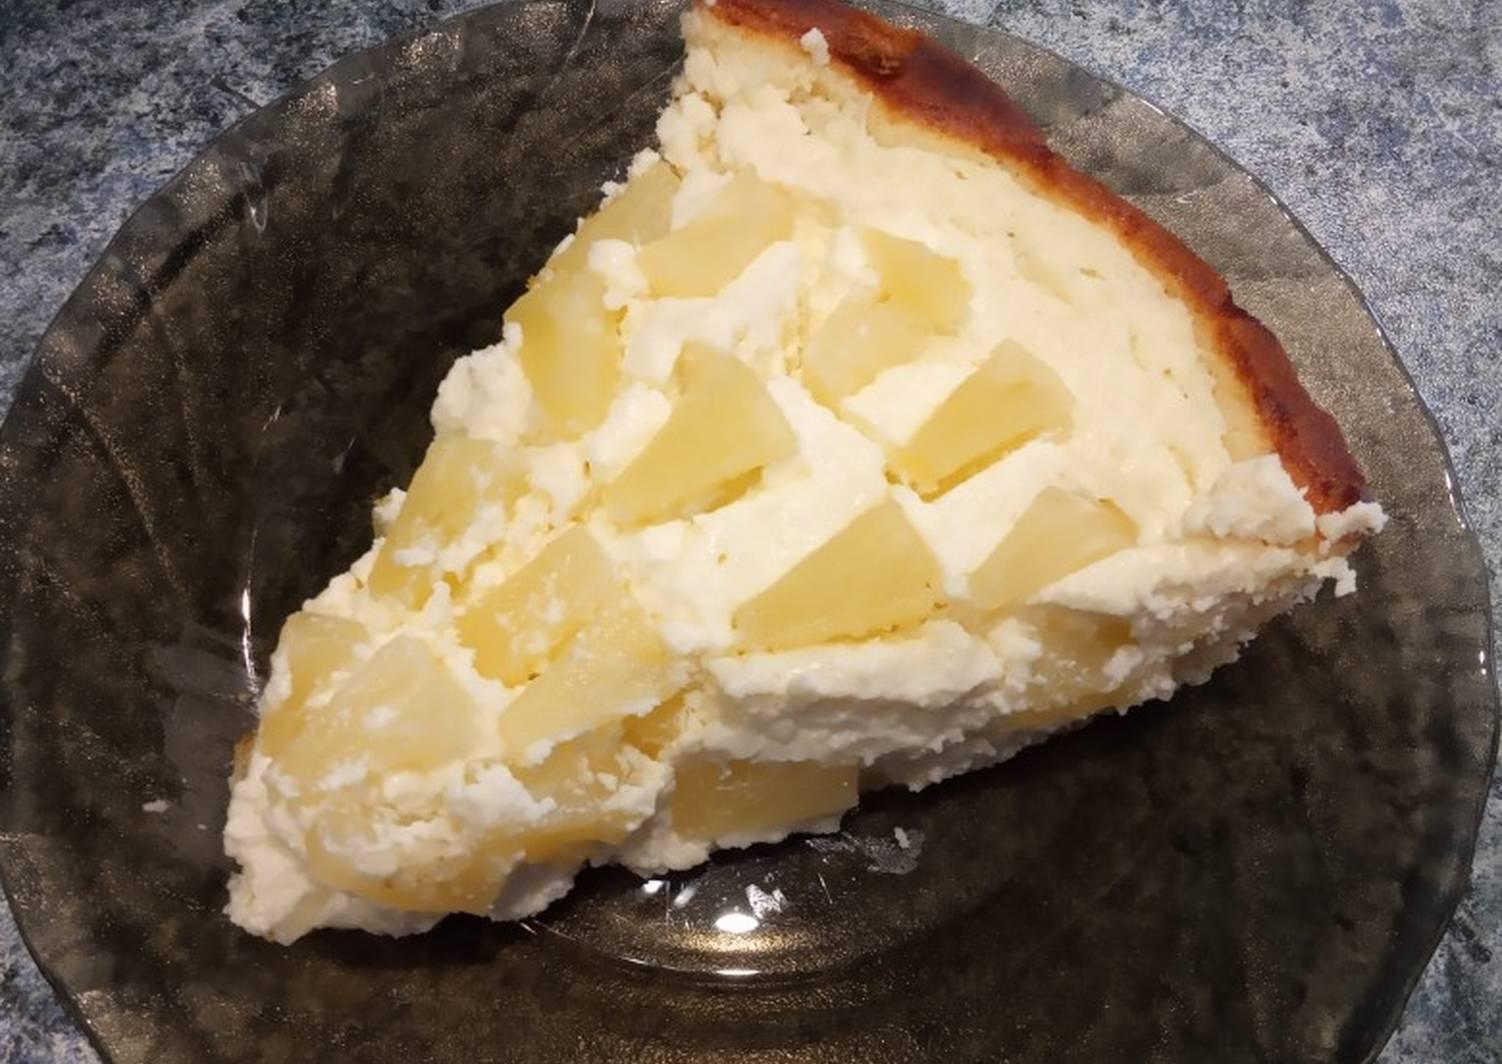 творожный пирог песочное тесто рецепт фото правильно сочетать стиль